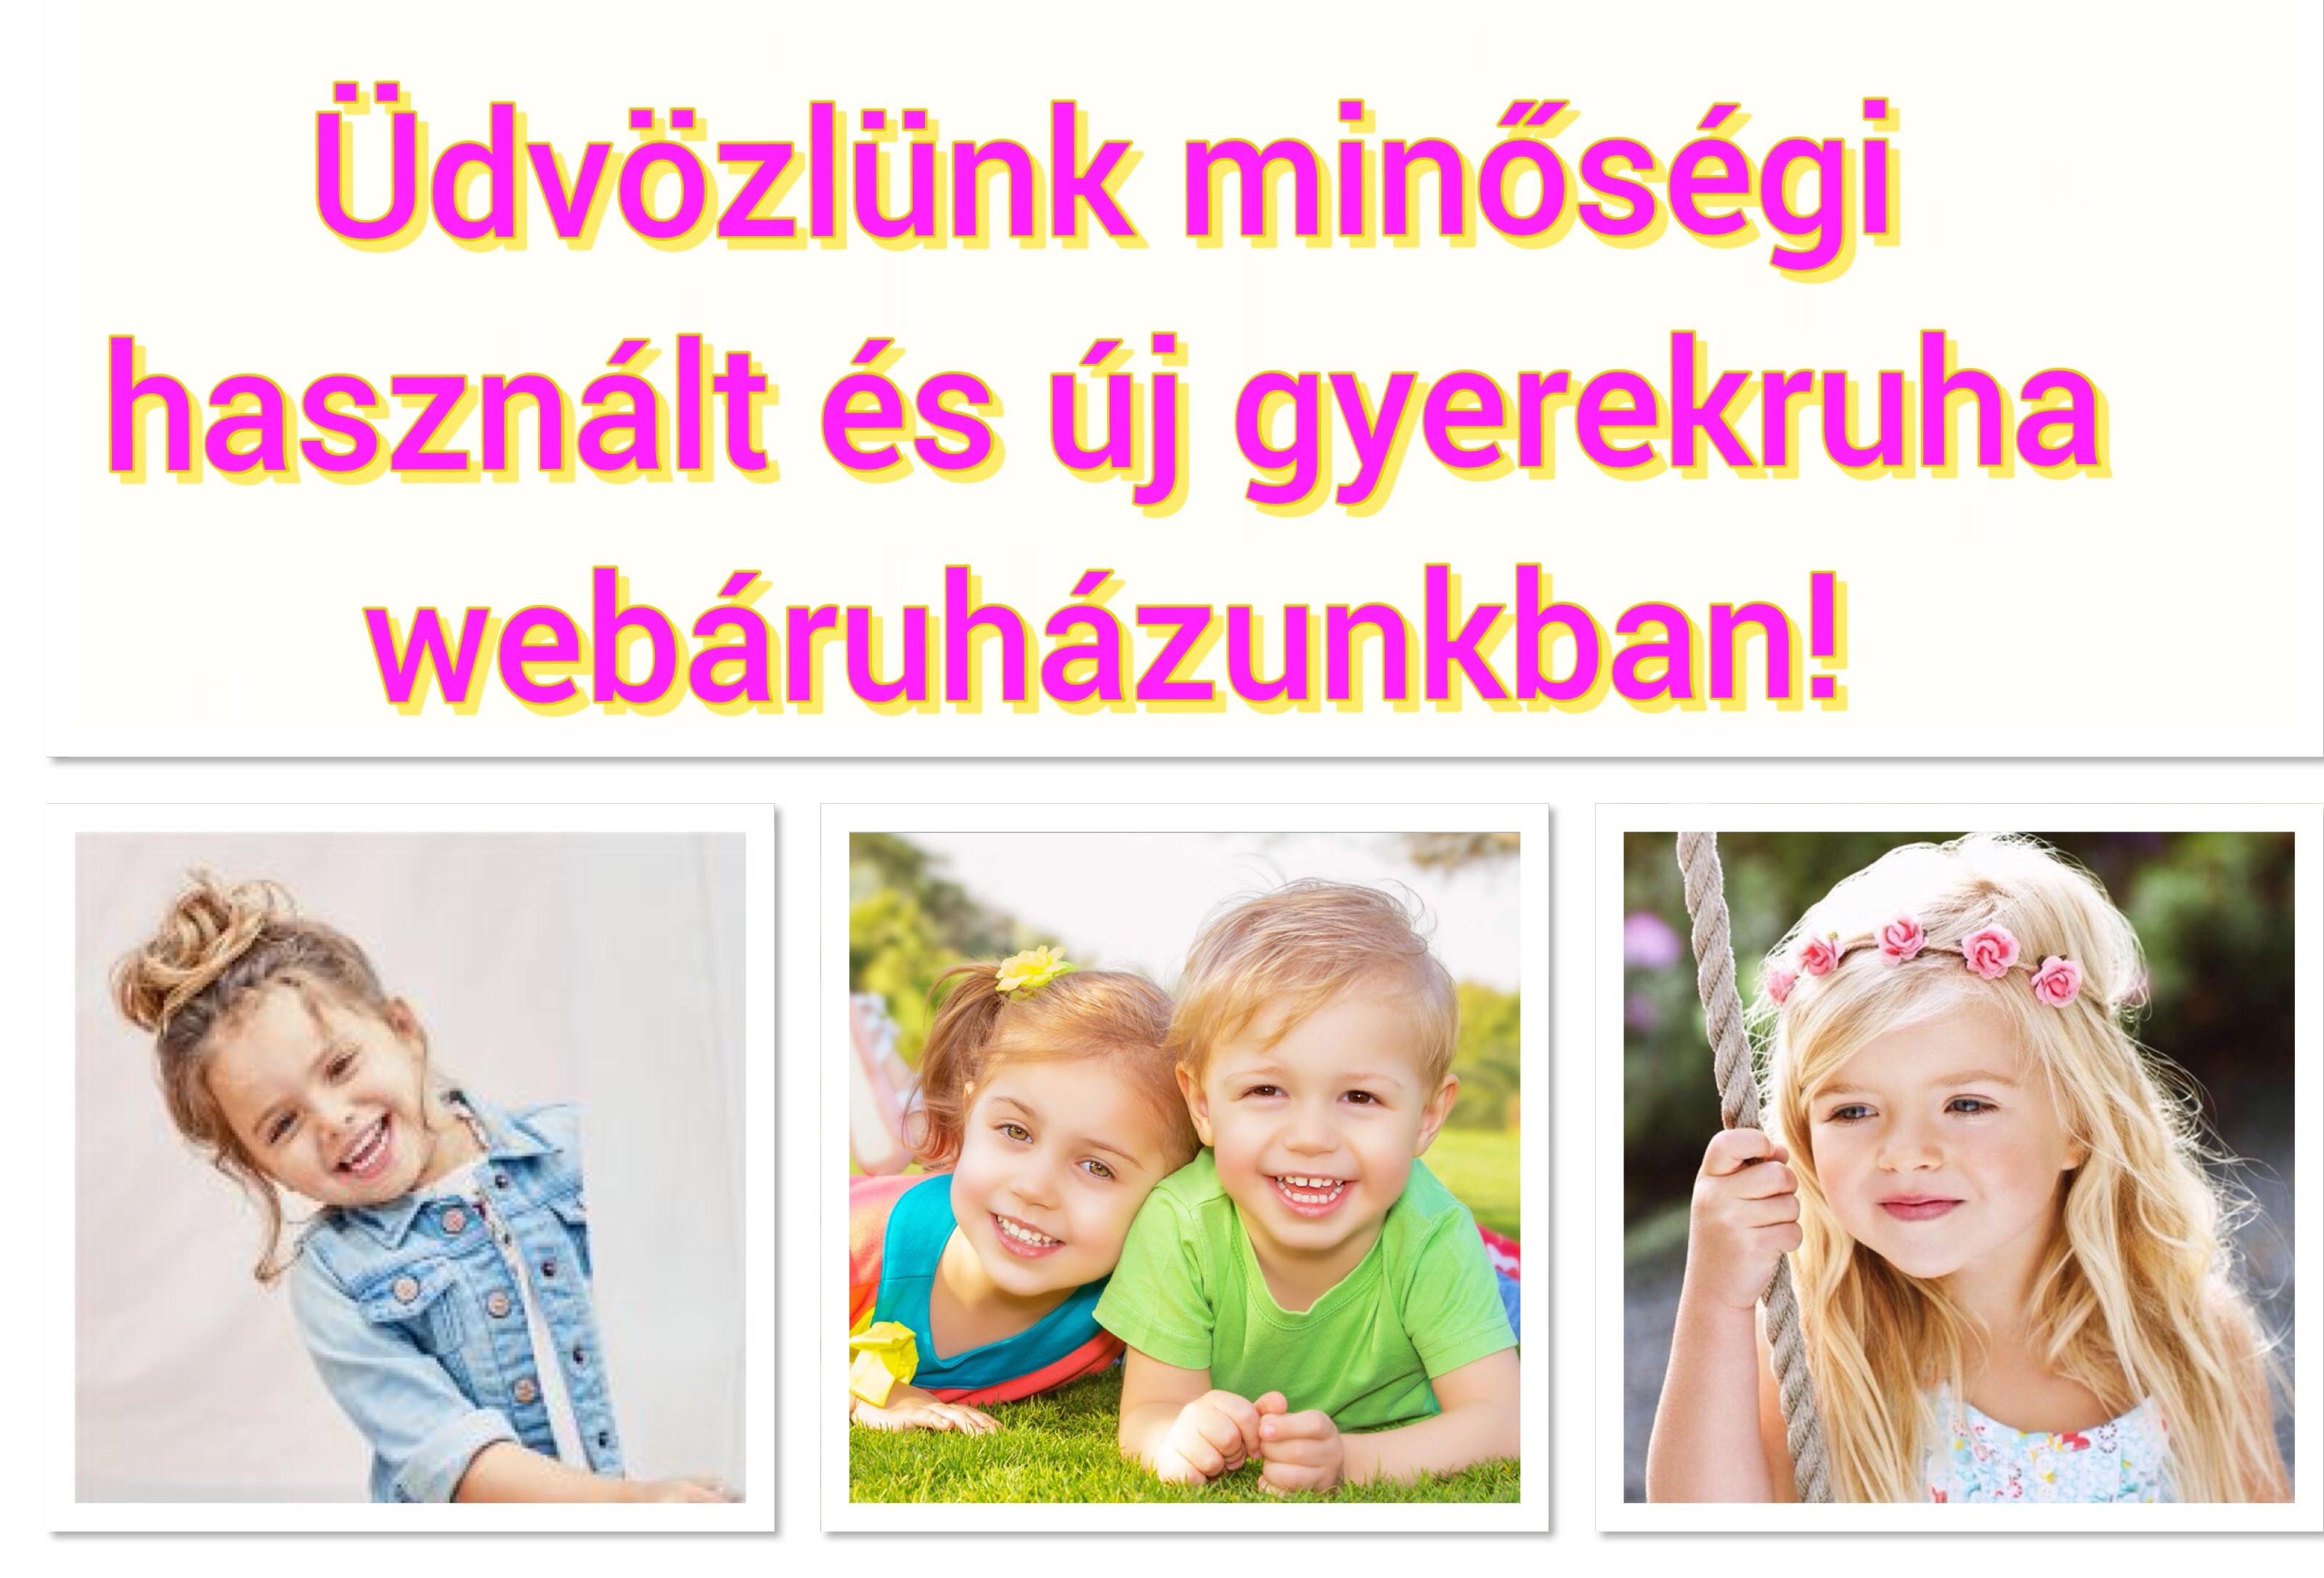 cb9e556161 Kölyökshop - Minőségi használt és új gyerekruha Webáruház, Babaruha  Webáruház